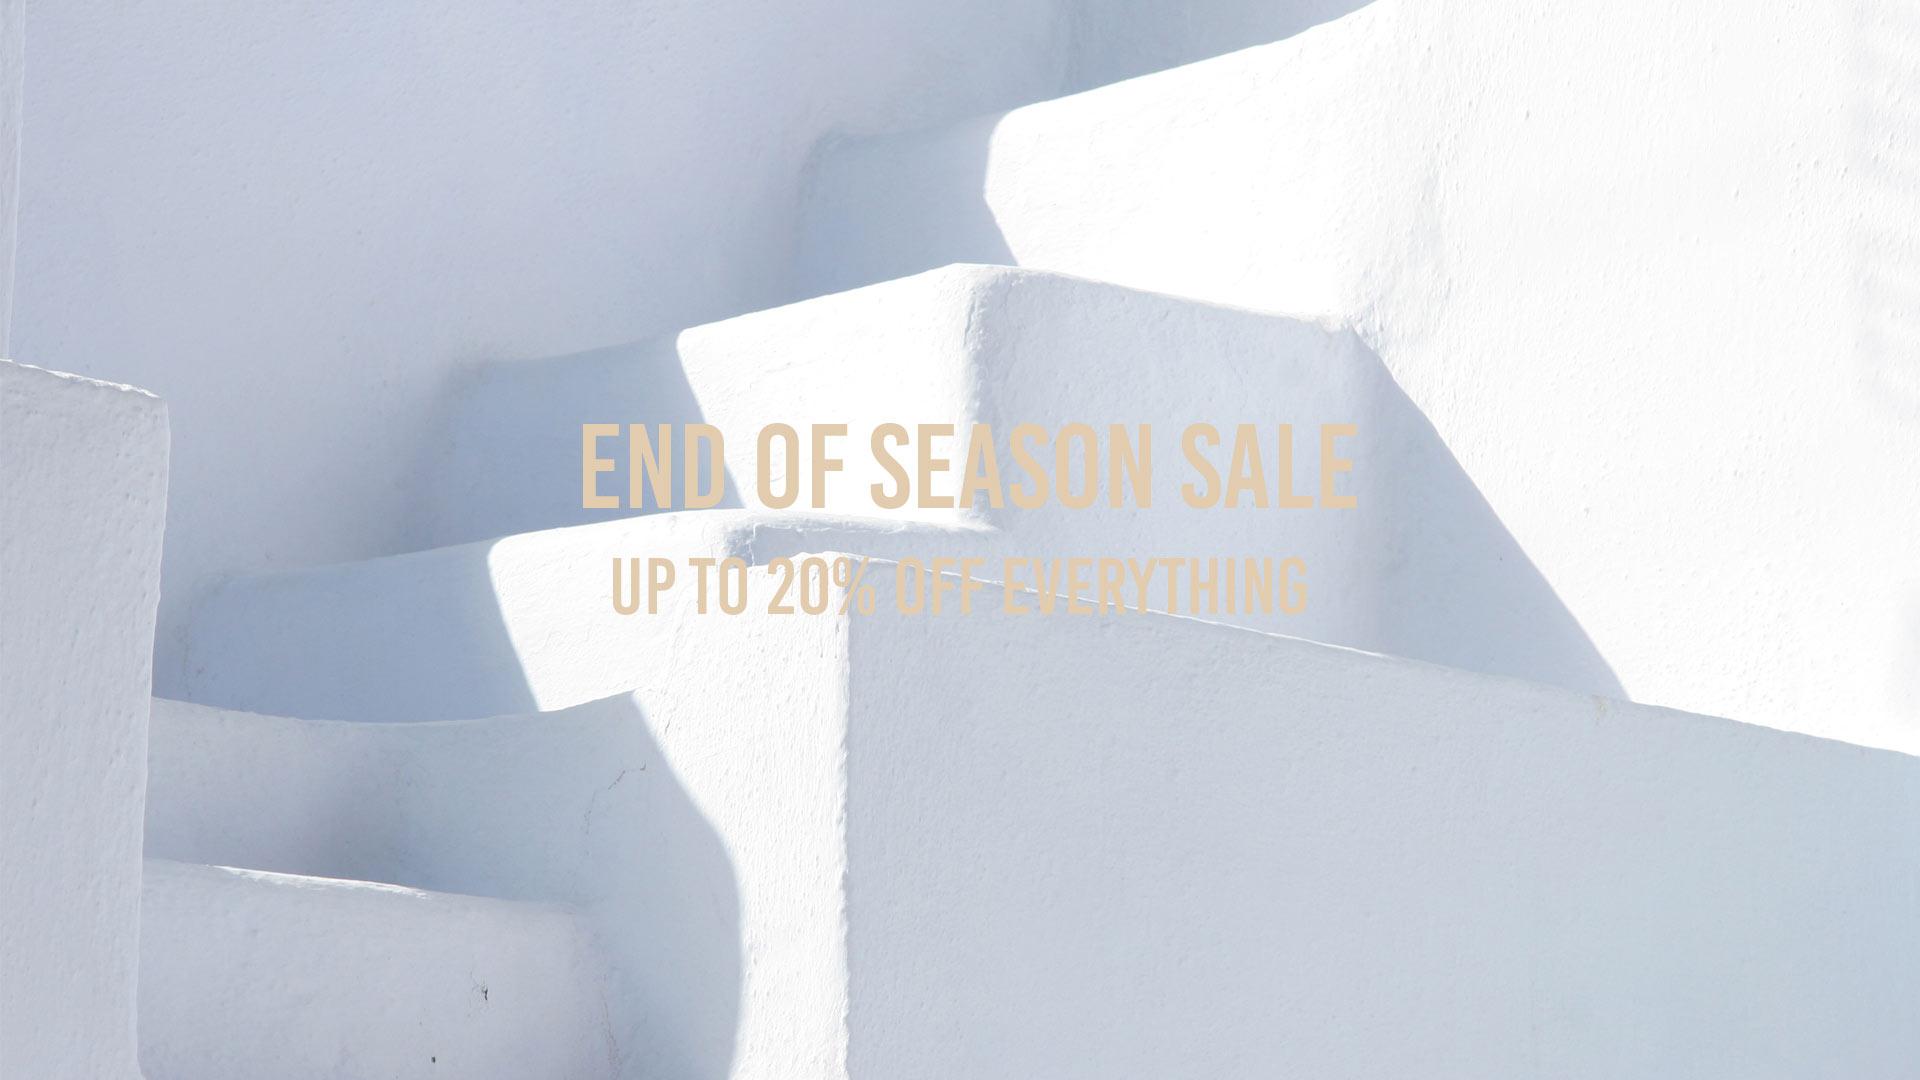 season sale - Awfully Pretty